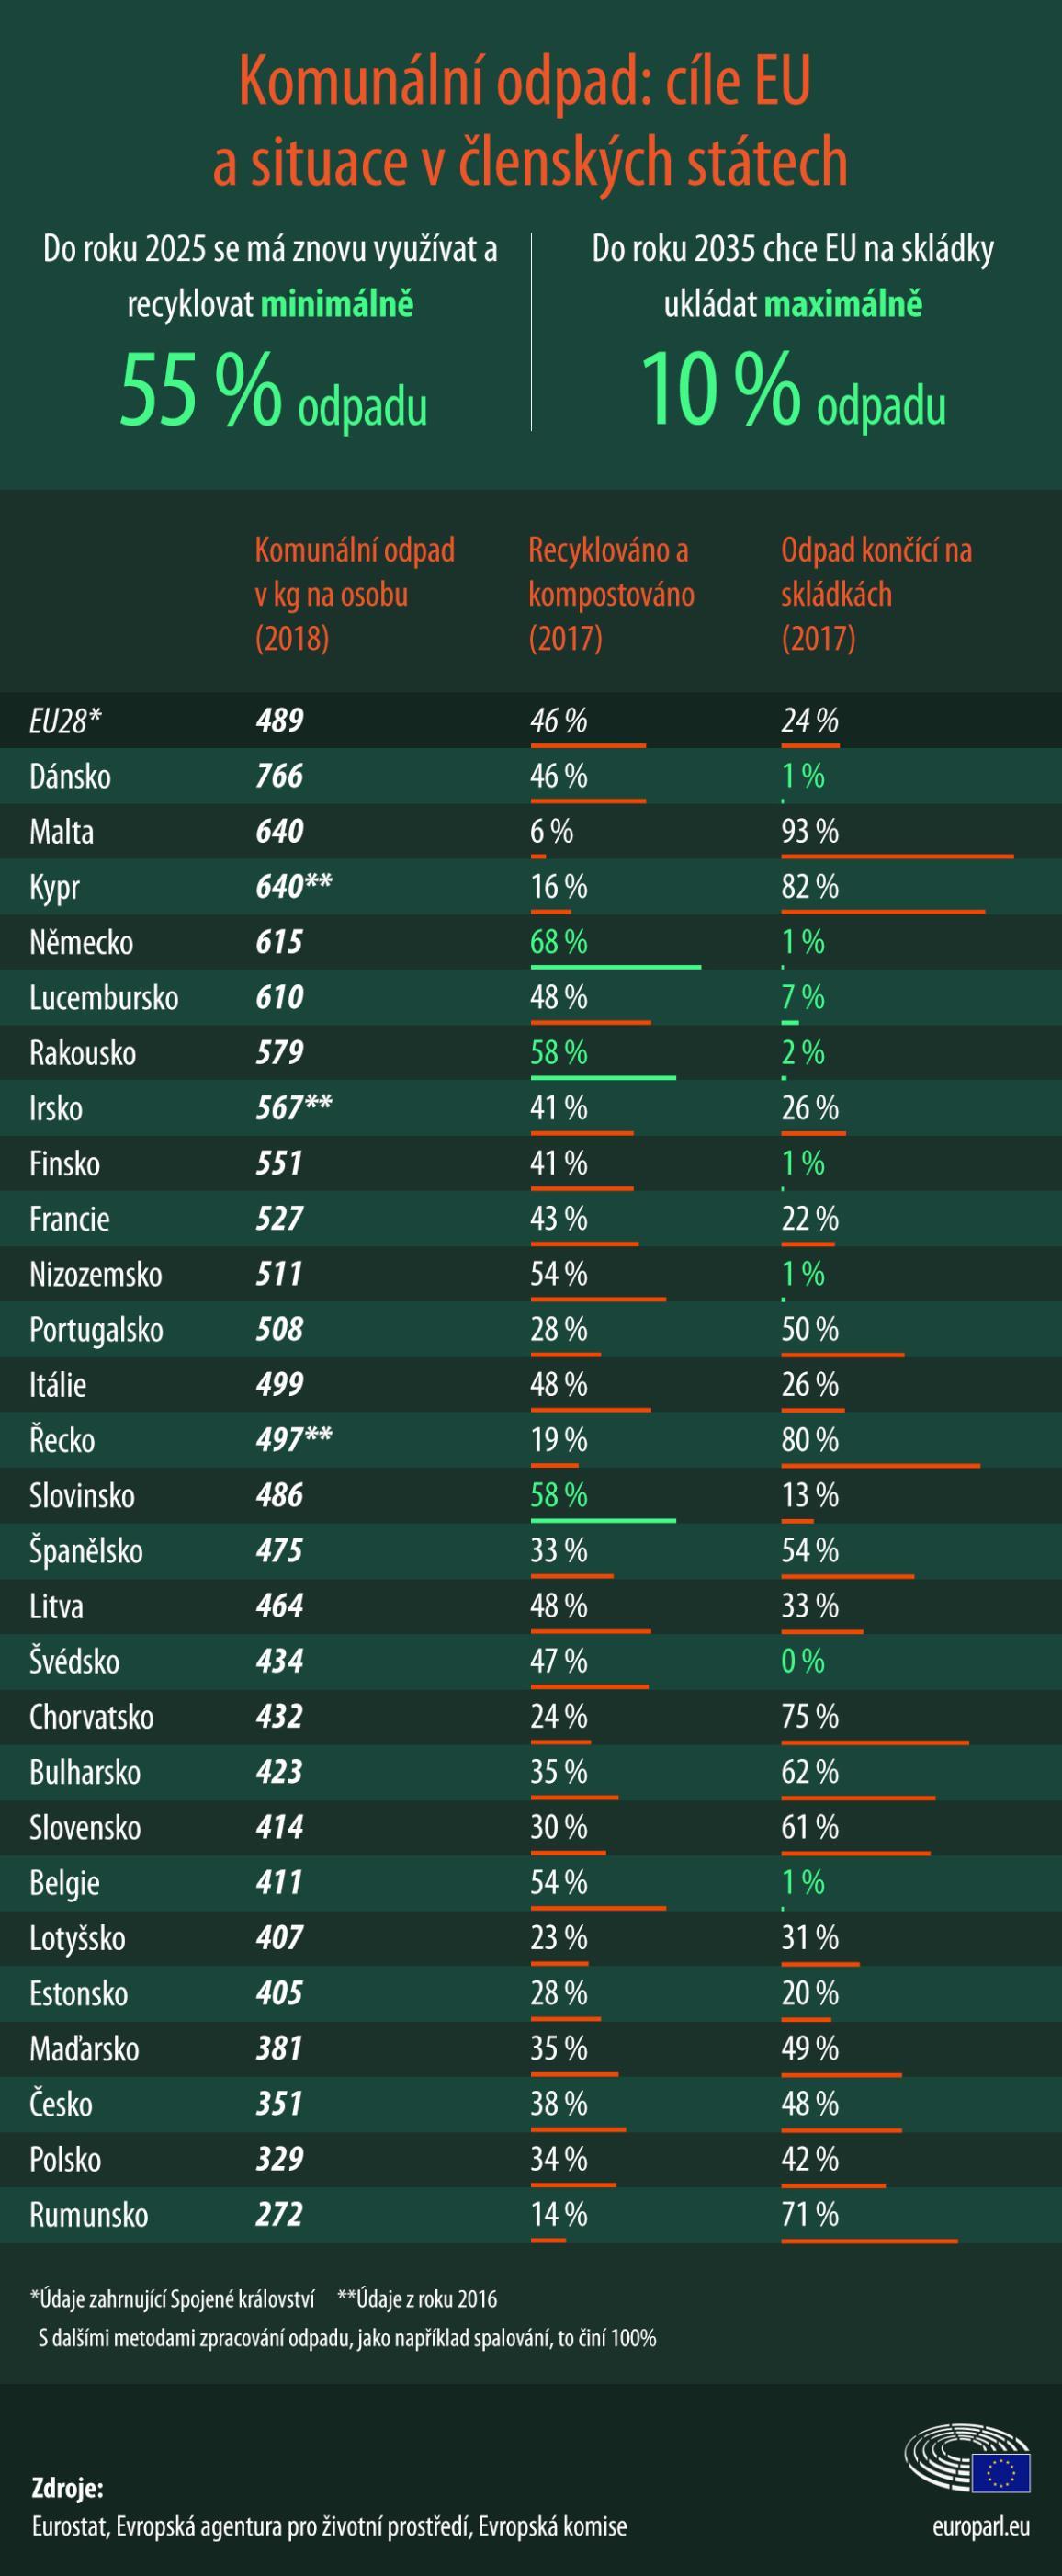 Infografika: Kde končí komunální odpad v zemích EU